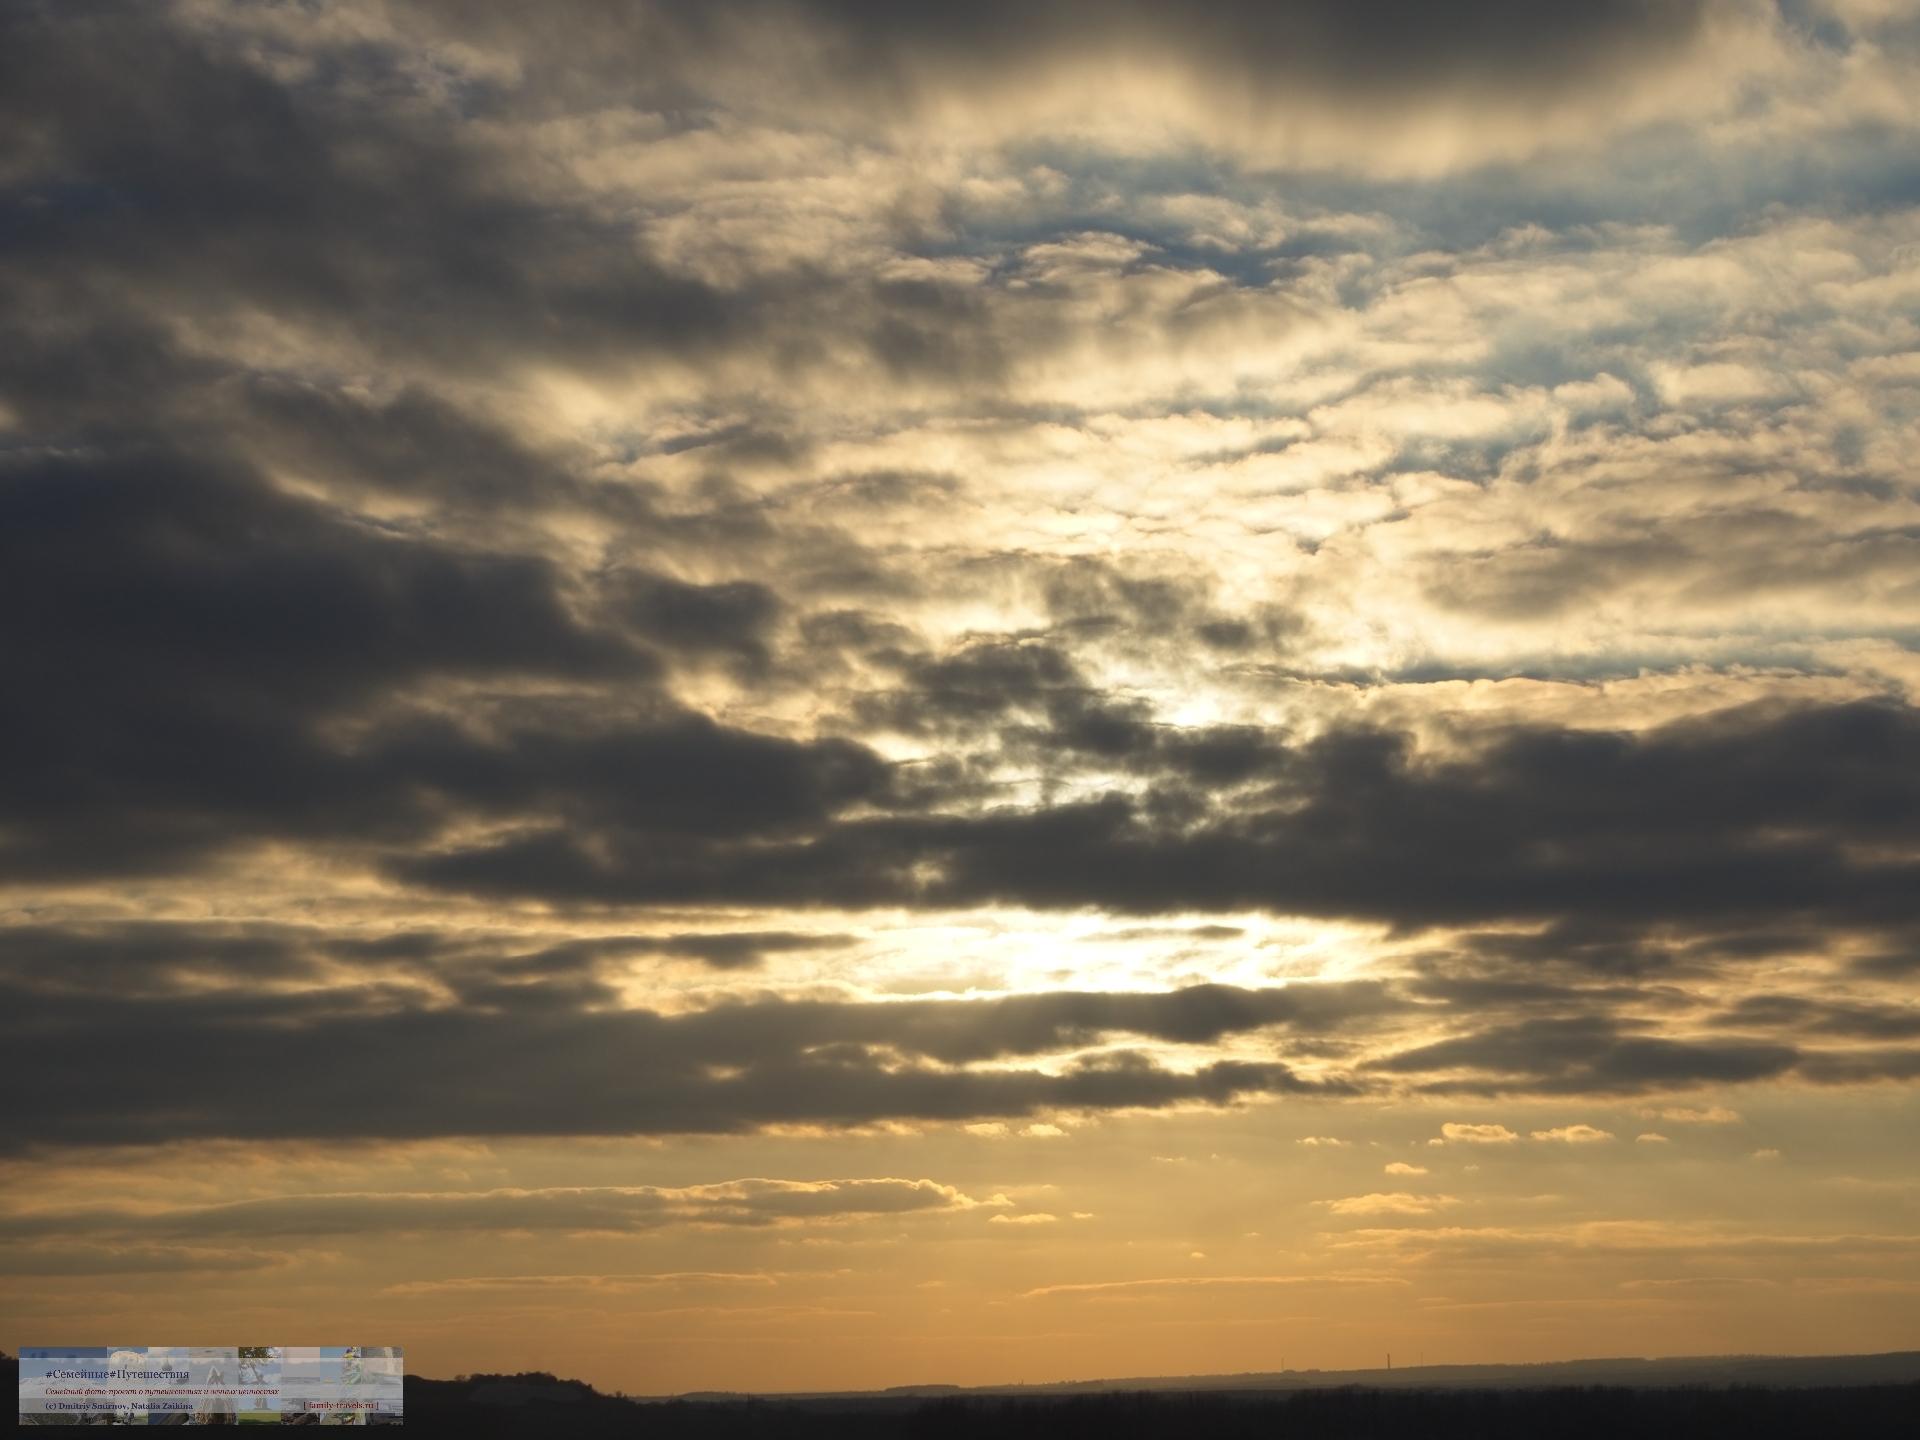 11052018-1601-Blog-095 Просто фото  Небо. Просто.